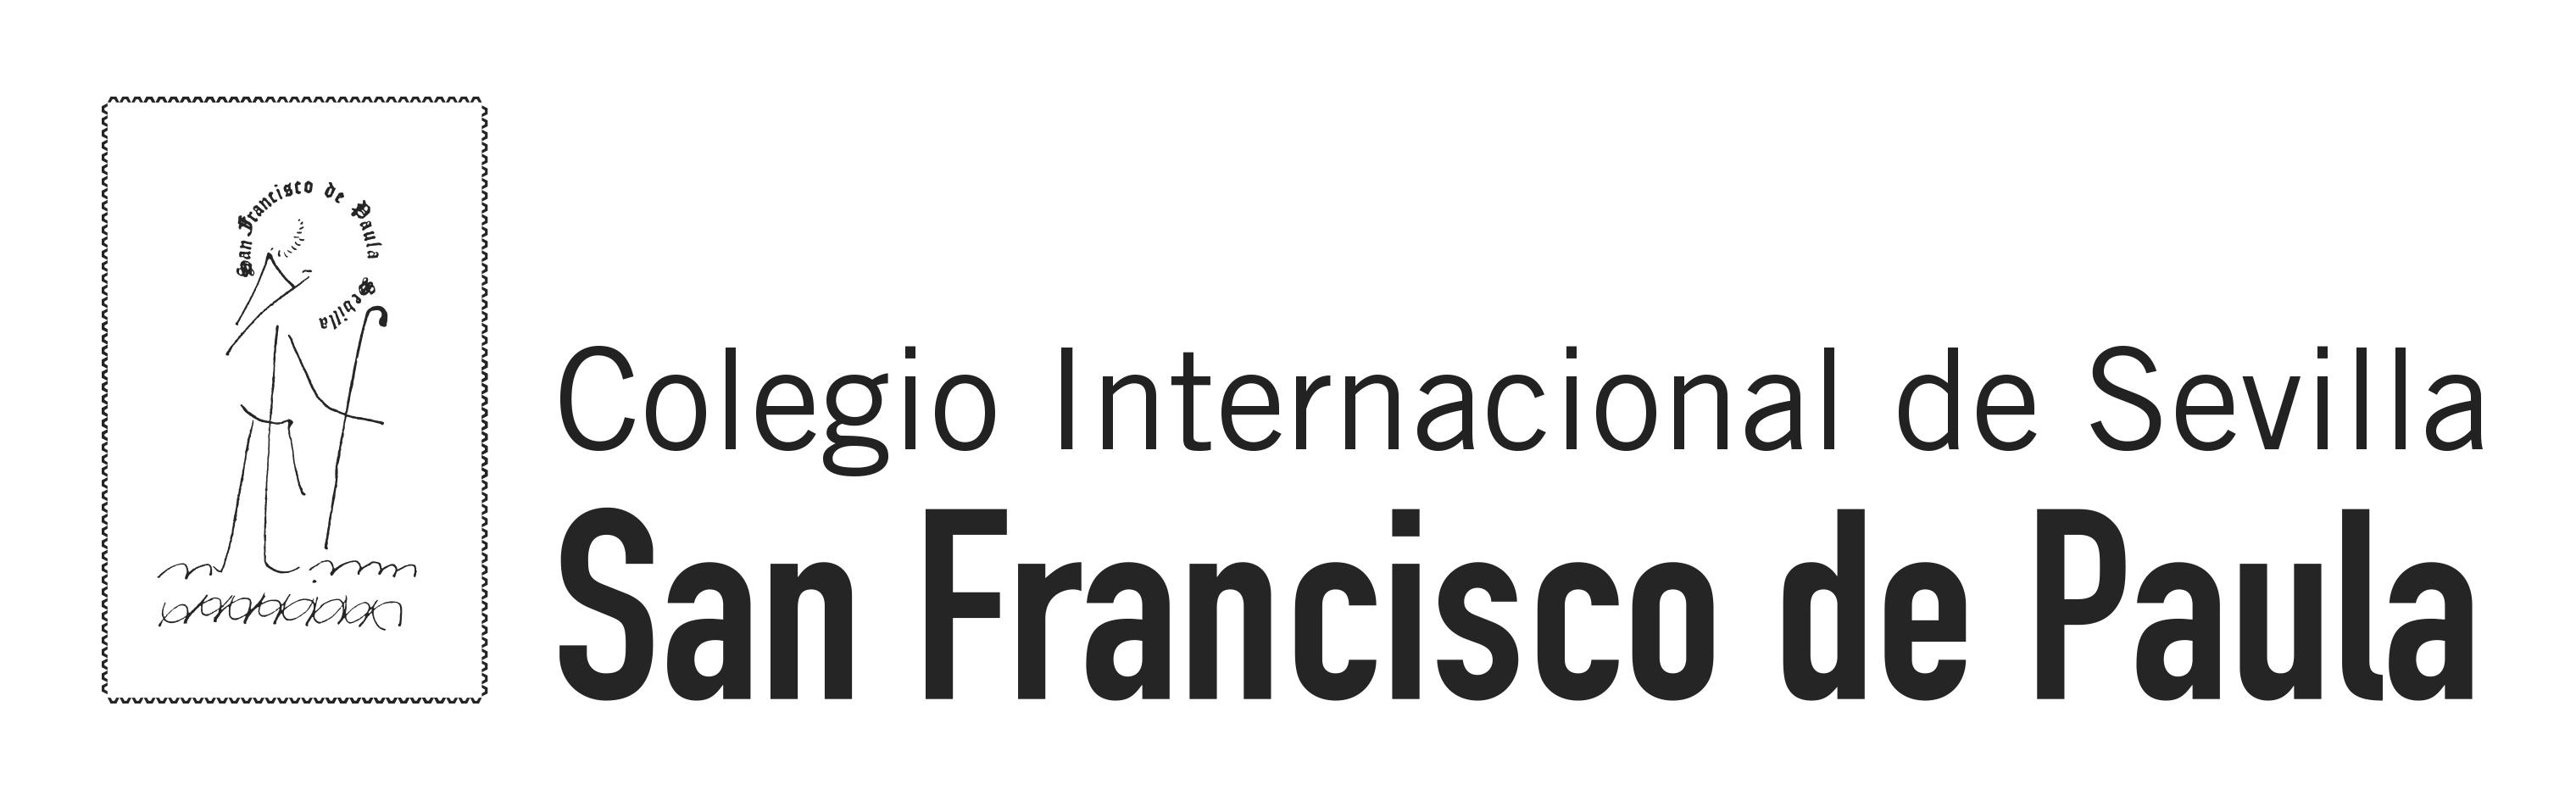 CONVOCATORIA DE PRENSA: EL COLEGIO DE SAN FRANCISCO DE PAULA ACOGE MAÑANA LA PRESENTACIÓN DEL ÚLTIMO LIBRO DE JORGE EDWARDS, PREMIO CERVANTES